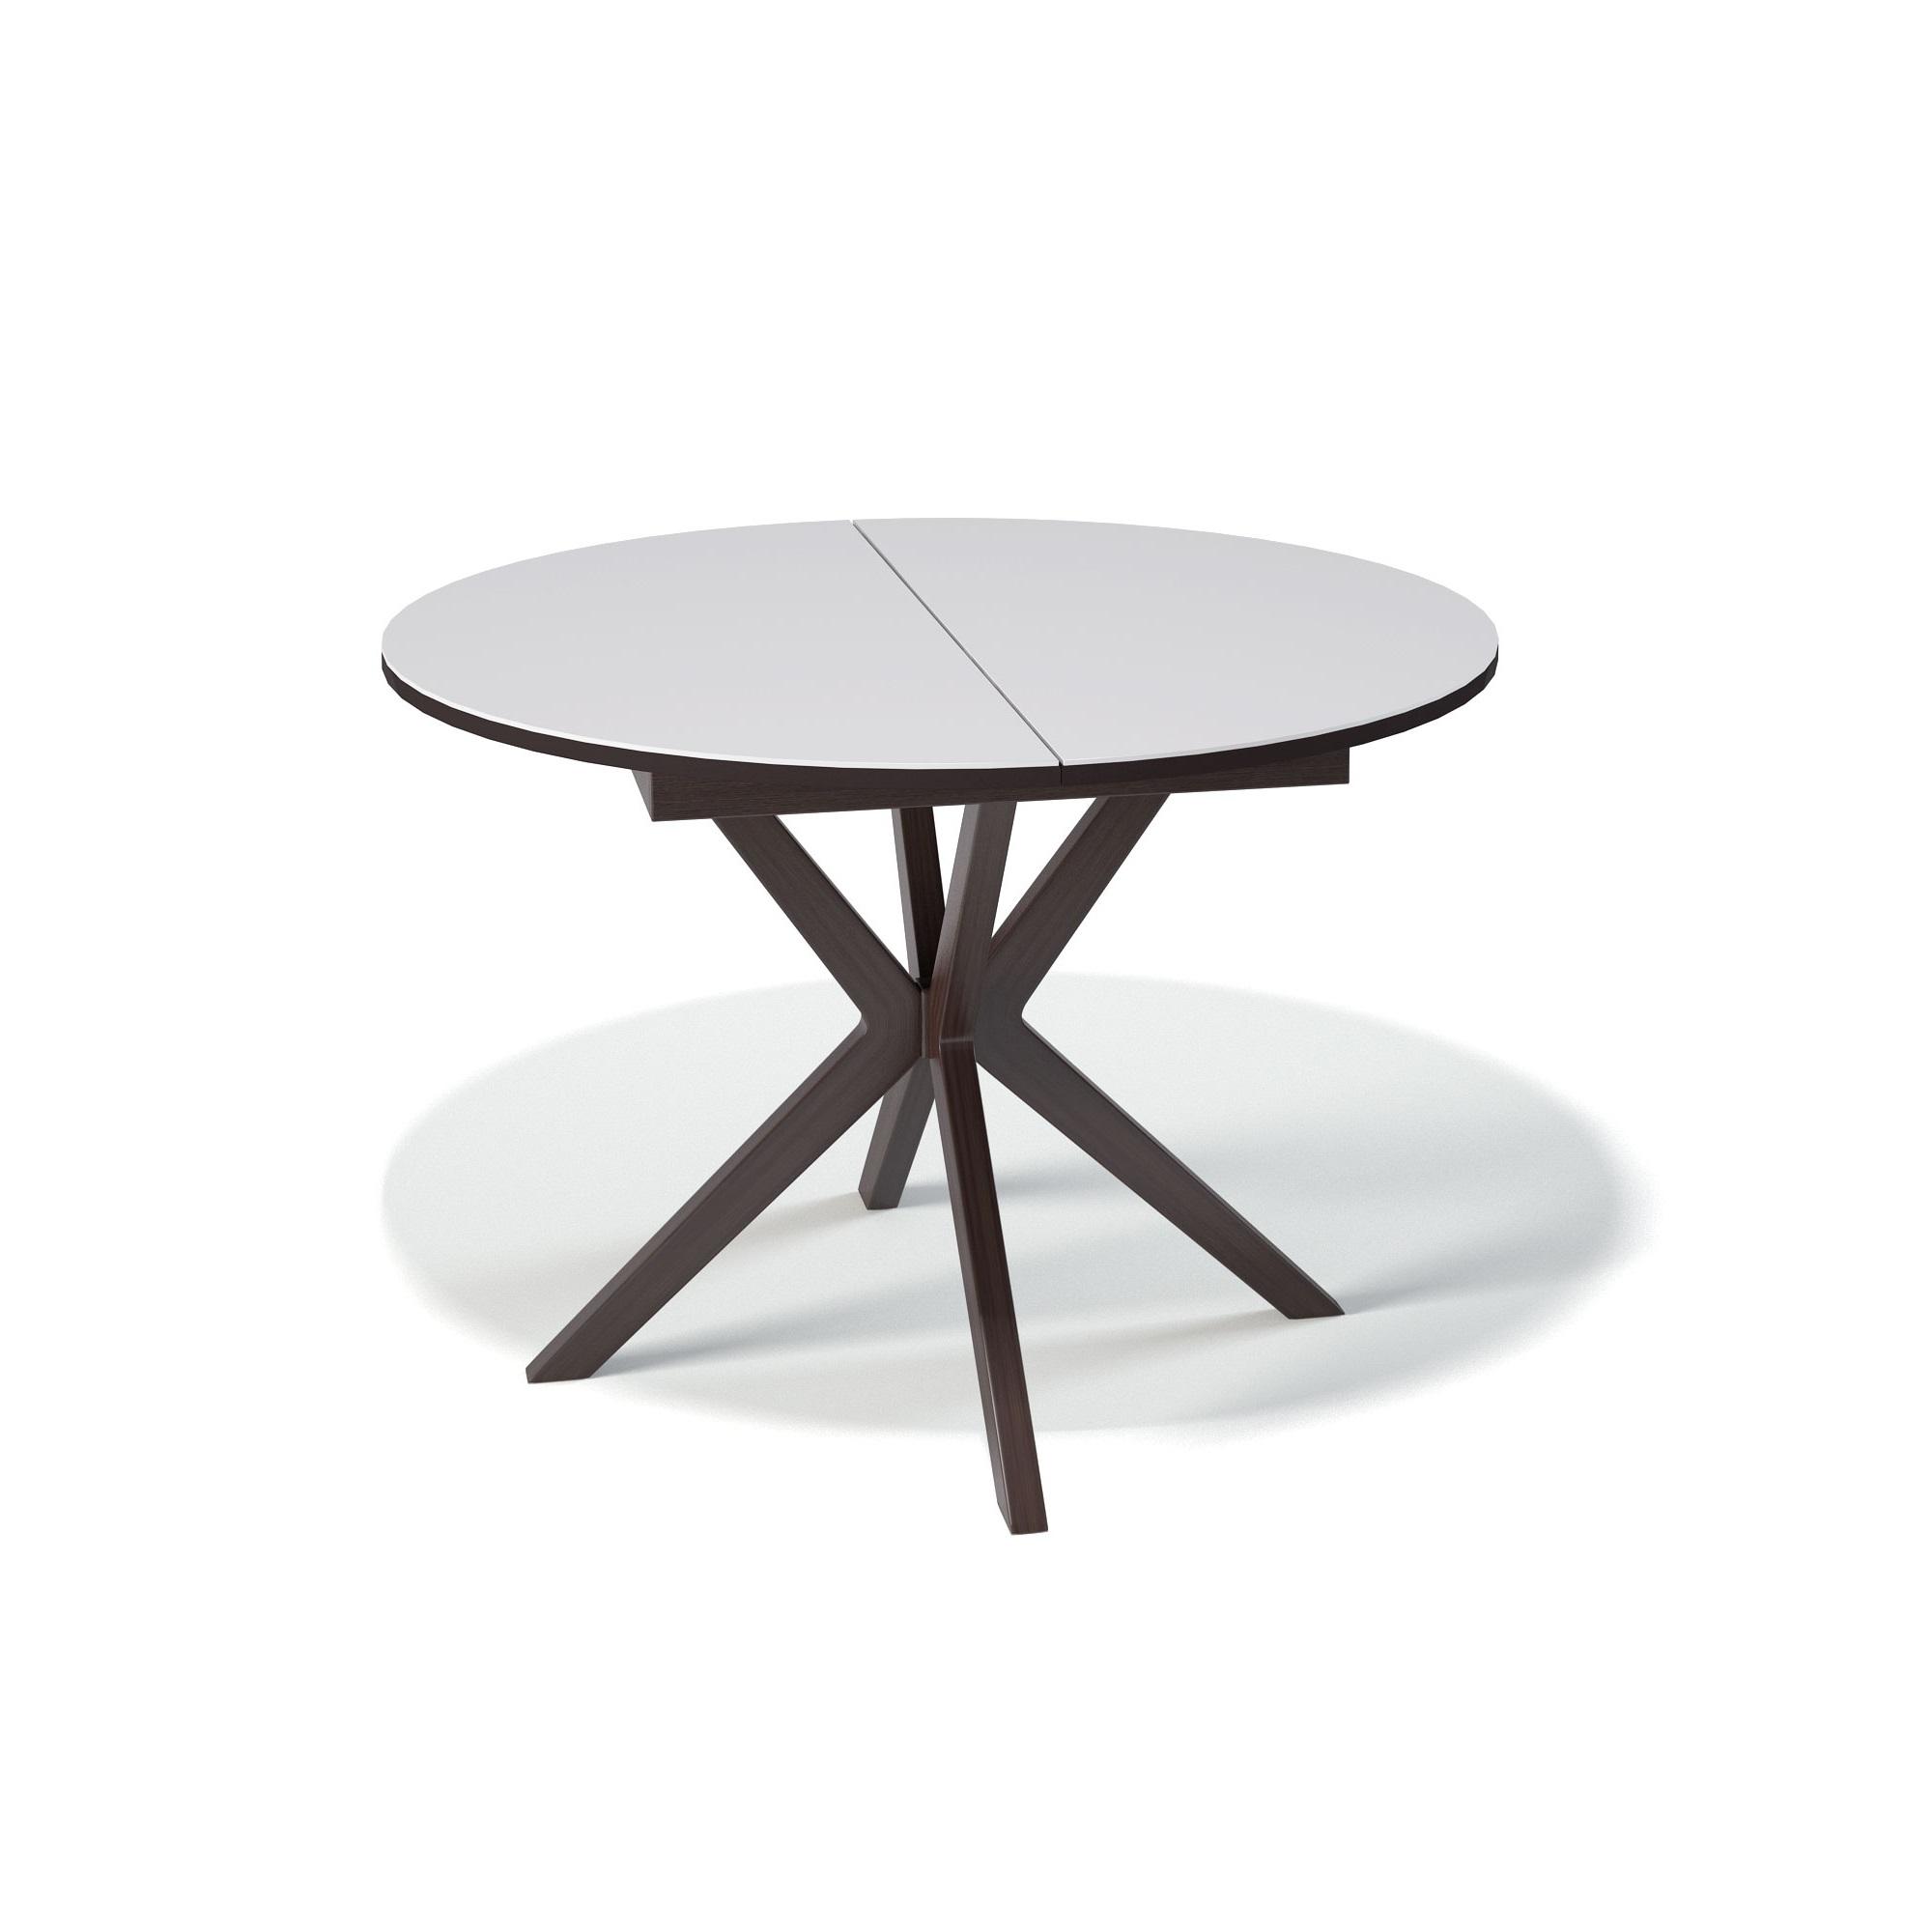 Стол обеденный KennerОбеденные столы<br>Основание - массив бука, столешница - сатинированное стекло (не оставляет следов от пальцев, не боится горячего/холодного, бытовой химии) + ДСП.&amp;amp;nbsp;&amp;lt;div&amp;gt;Механизм раскладки - синхронный.&amp;amp;nbsp;&amp;lt;/div&amp;gt;&amp;lt;div&amp;gt;Габариты столешницы в разложенном виде: 145х100 см.&amp;lt;/div&amp;gt;<br><br>Material: Стекло<br>Ширина см: 110.0<br>Высота см: 76.0<br>Глубина см: 100.0